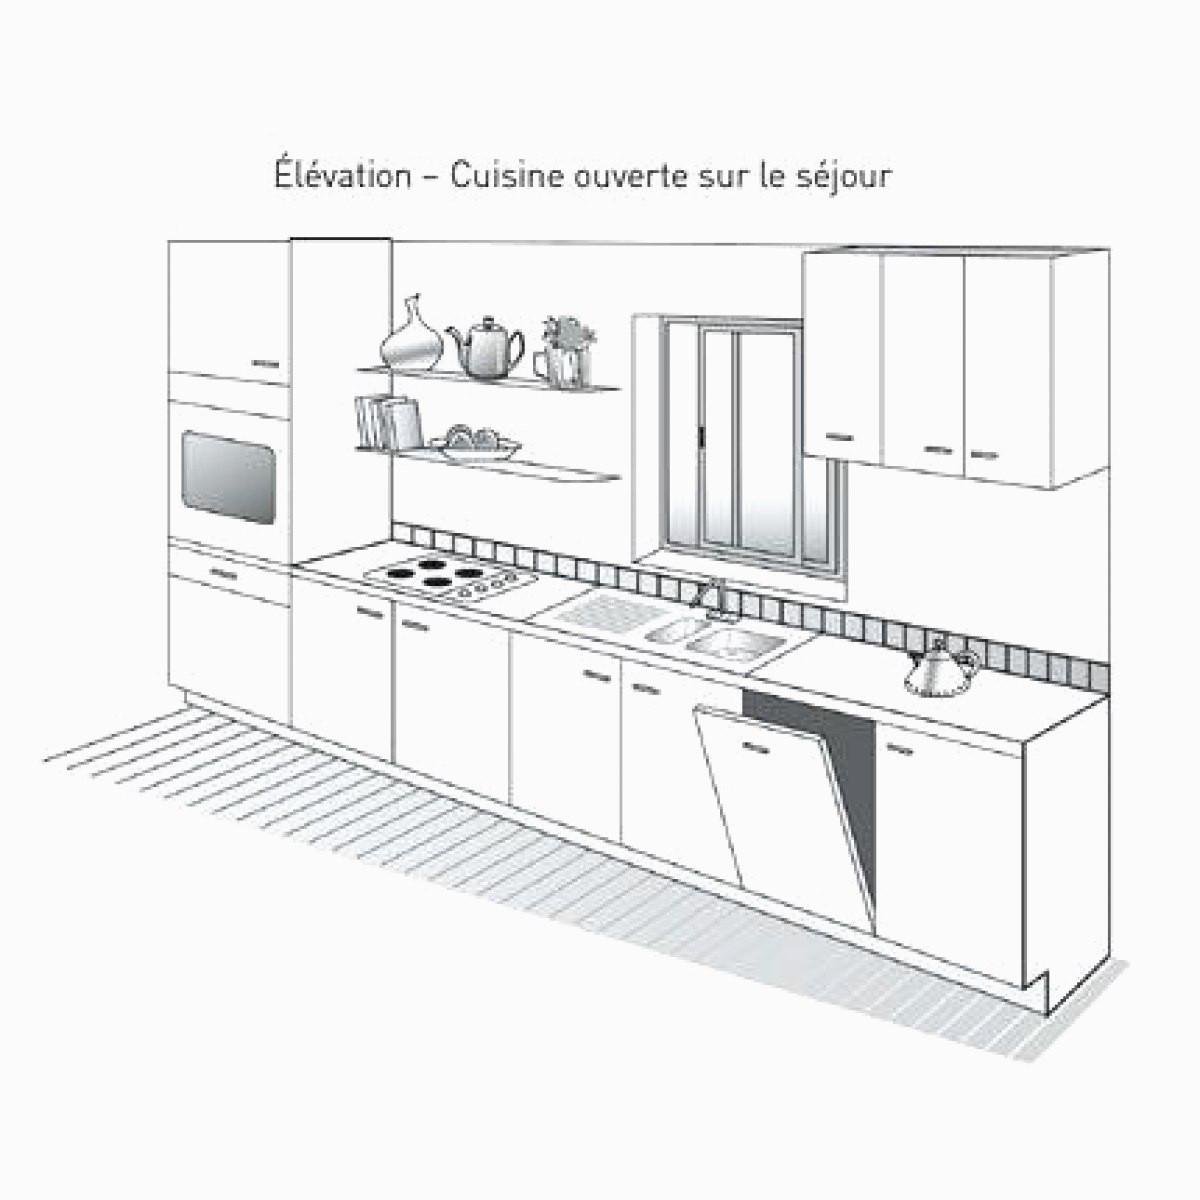 Plan de travail cuisine largeur 120 - Dimensions plan de travail cuisine ...